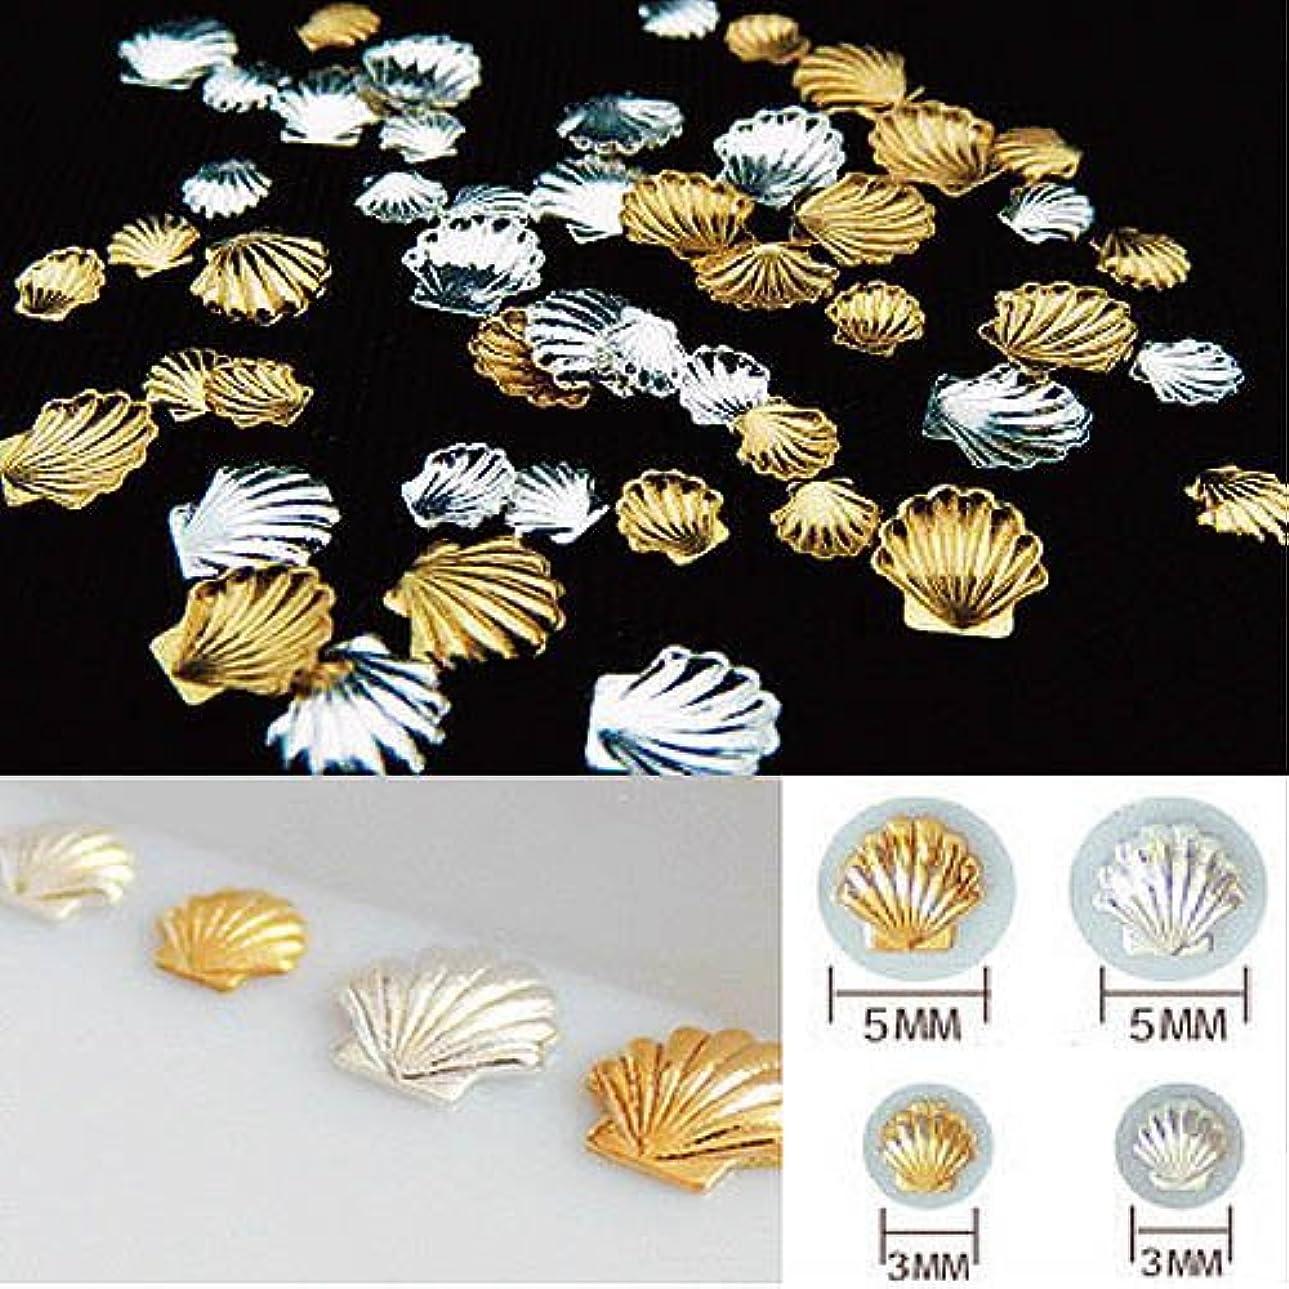 腕センチメートル伝統的貝殻モチーフ マリン パーツ チャーム 金属パーツ メタルシェル 48個(ゴールド&シルバー、3mm&5mm 各12個)セット